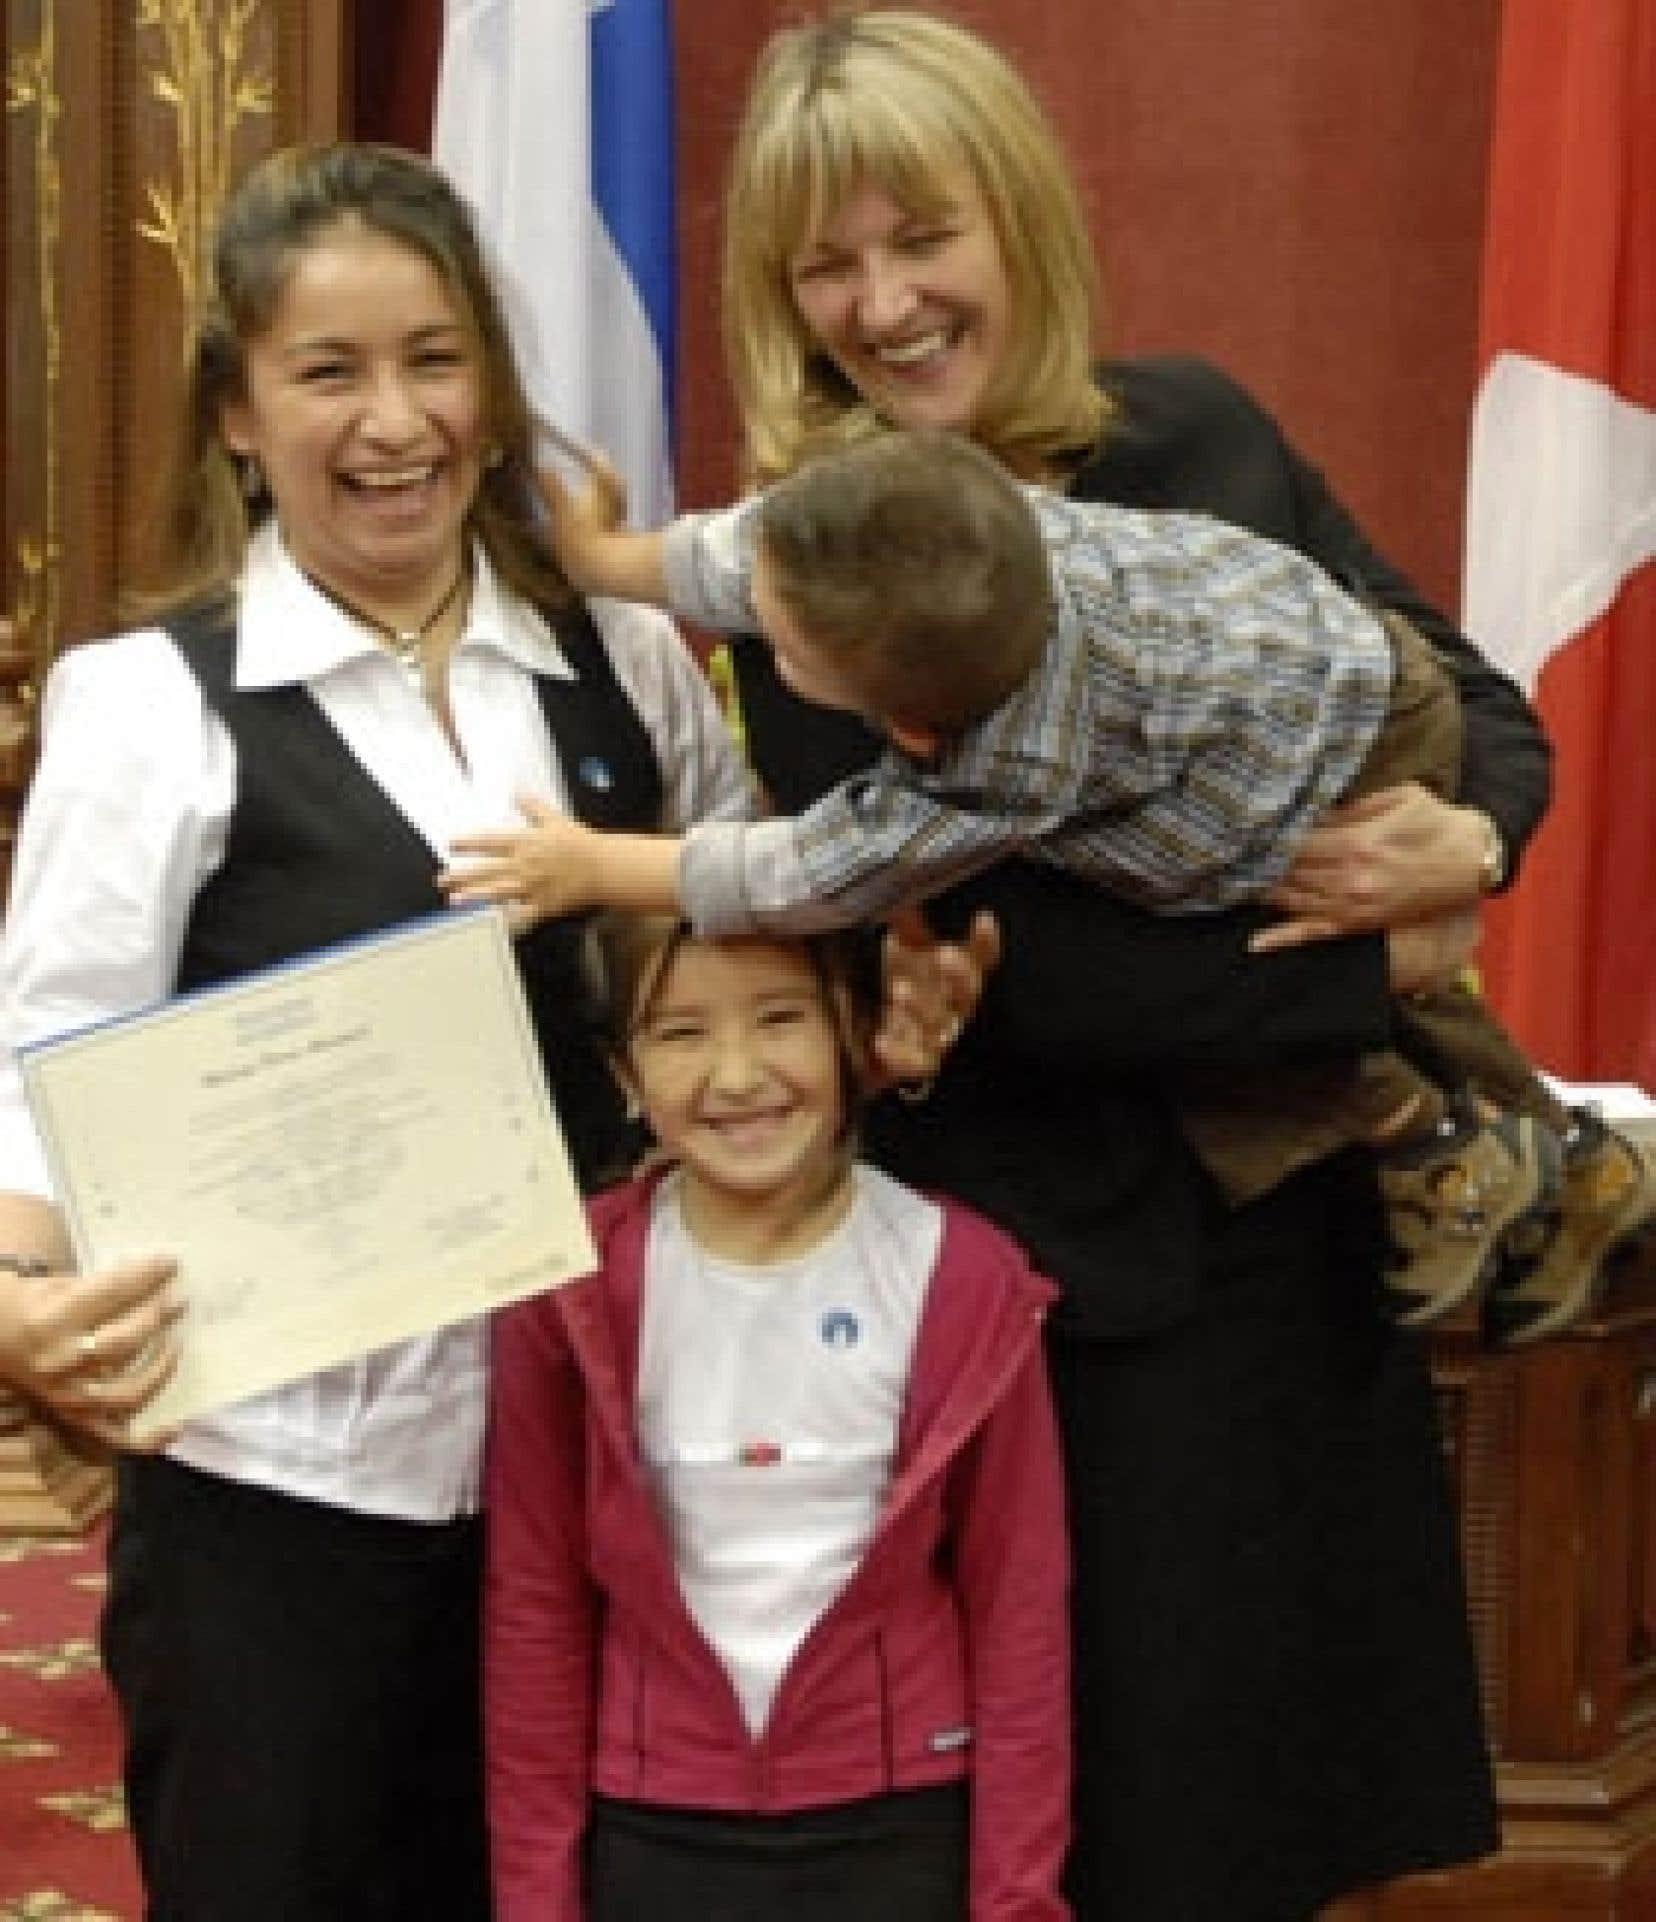 La ministre de l'Immigration Lise Thériault (au centre tenant un enfant qui souhaite visiblement retrouver sa mère) souhaite la bienvenue à l'épouse et aux enfants de Daniel Augusto Nunez Acosta, un Québécois d'origine colombienne établi au